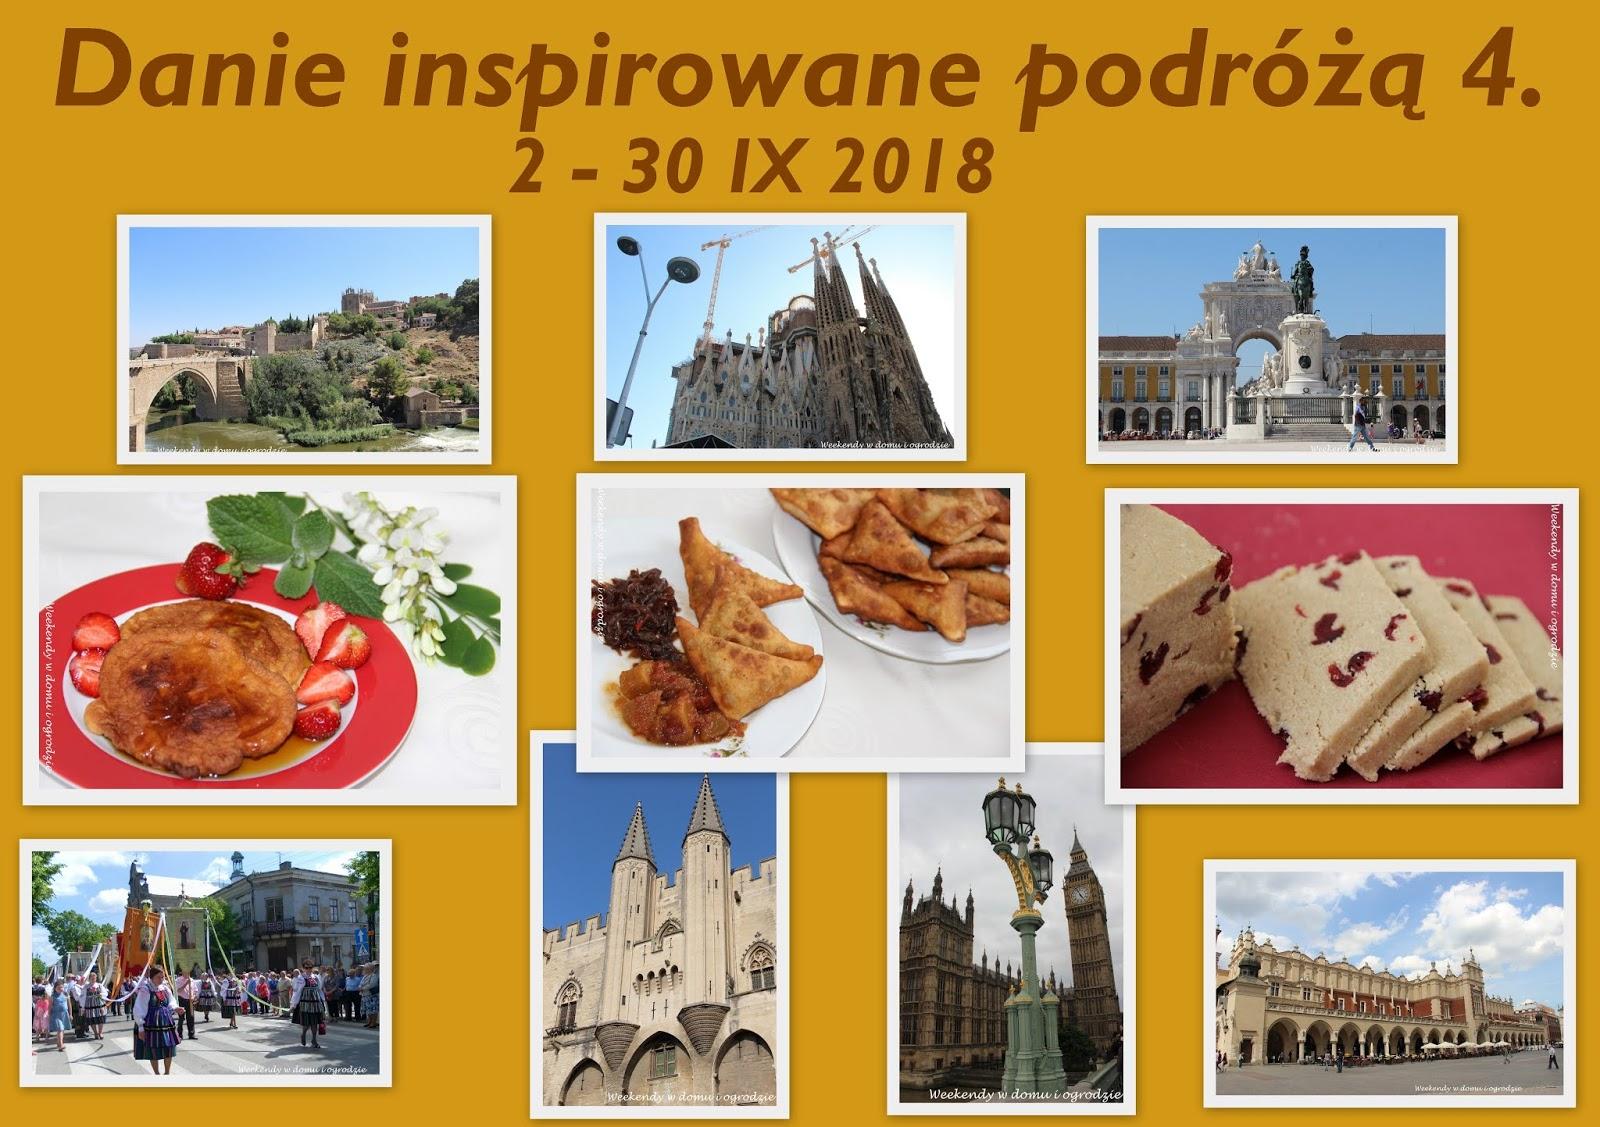 http://weekendywdomuiogrodzie.blogspot.com/2018/08/danie-inspirowane-podroza-4-zaproszenie.html